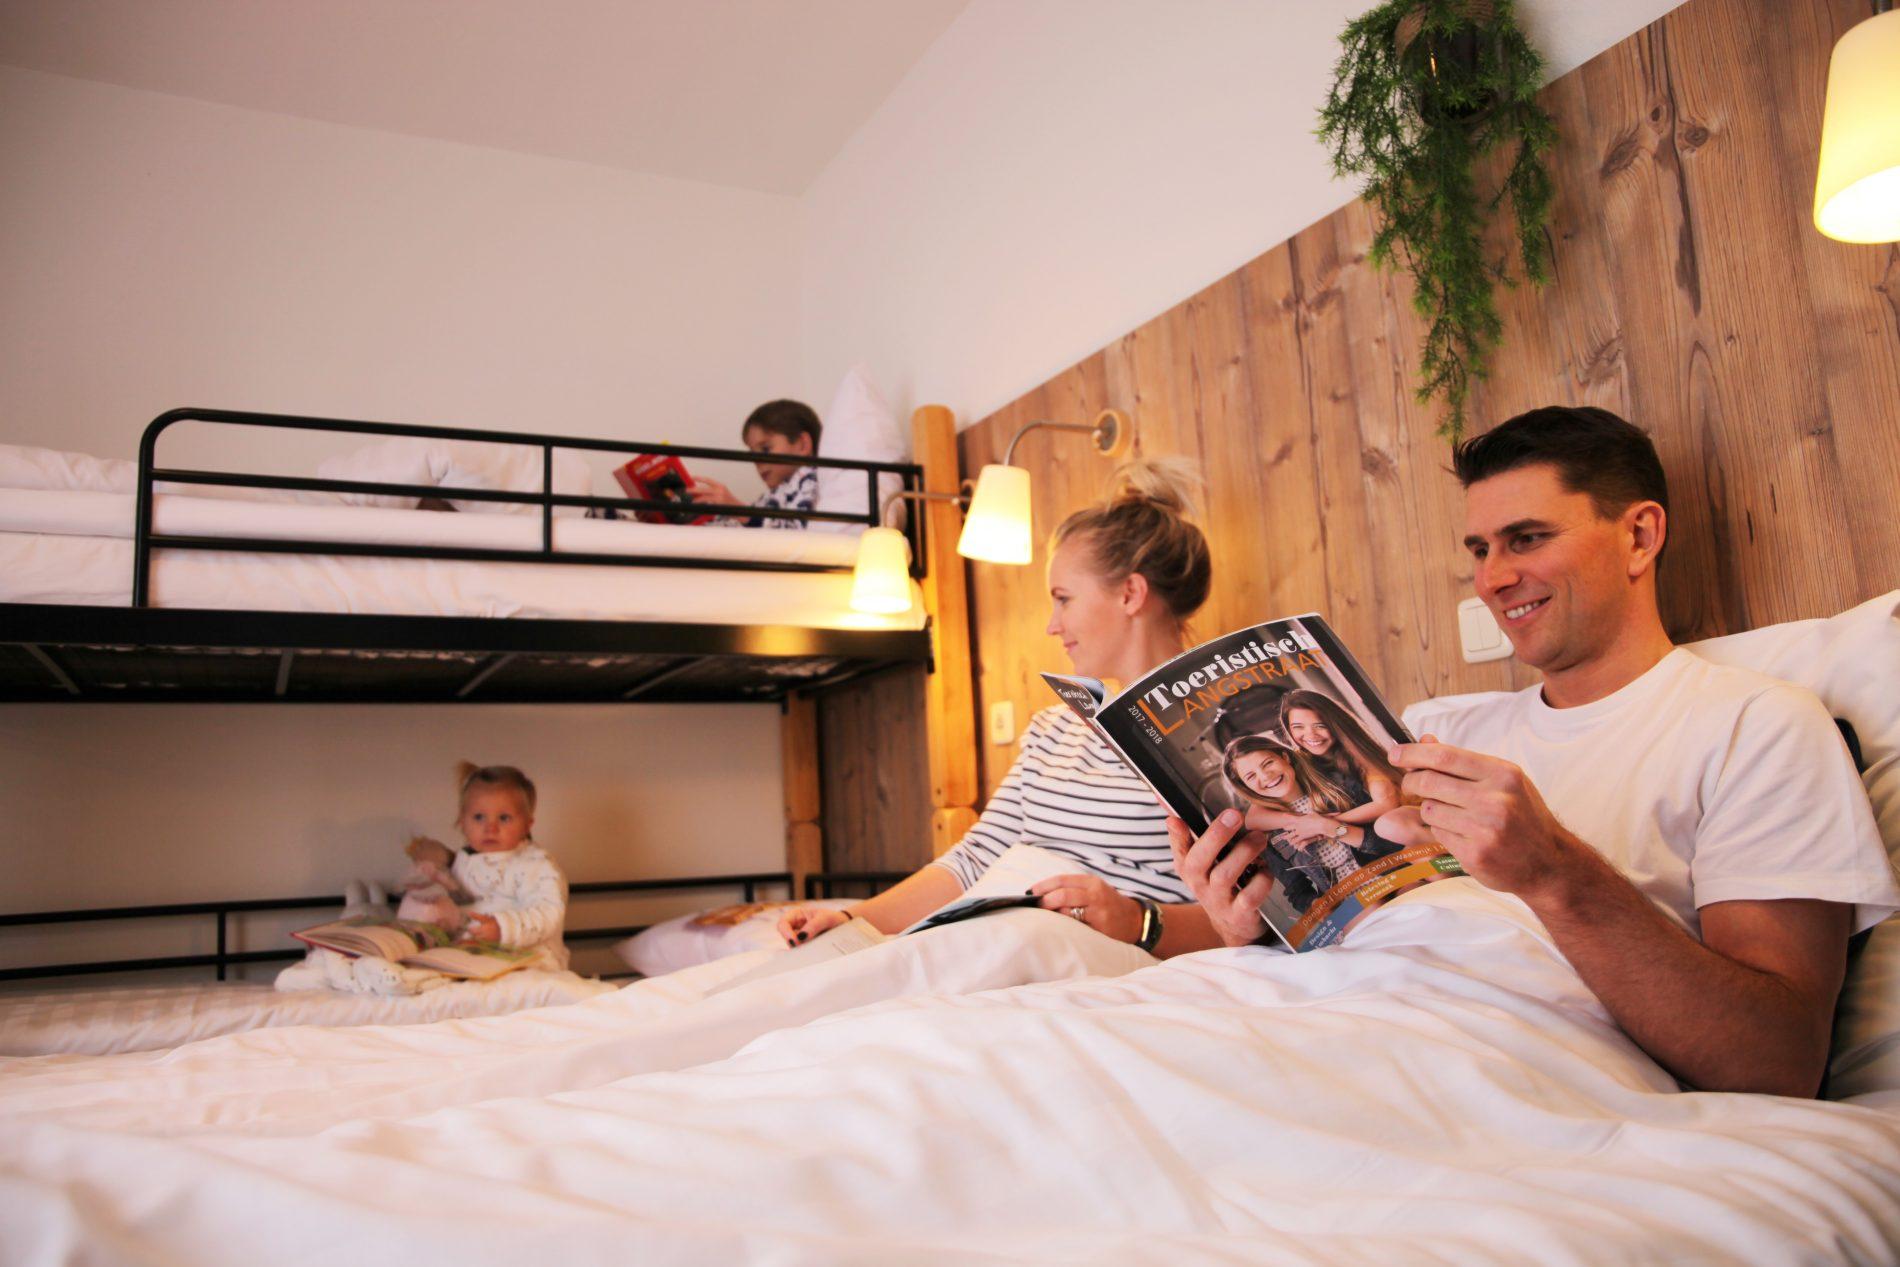 Hotel room in Hotel de Kroon